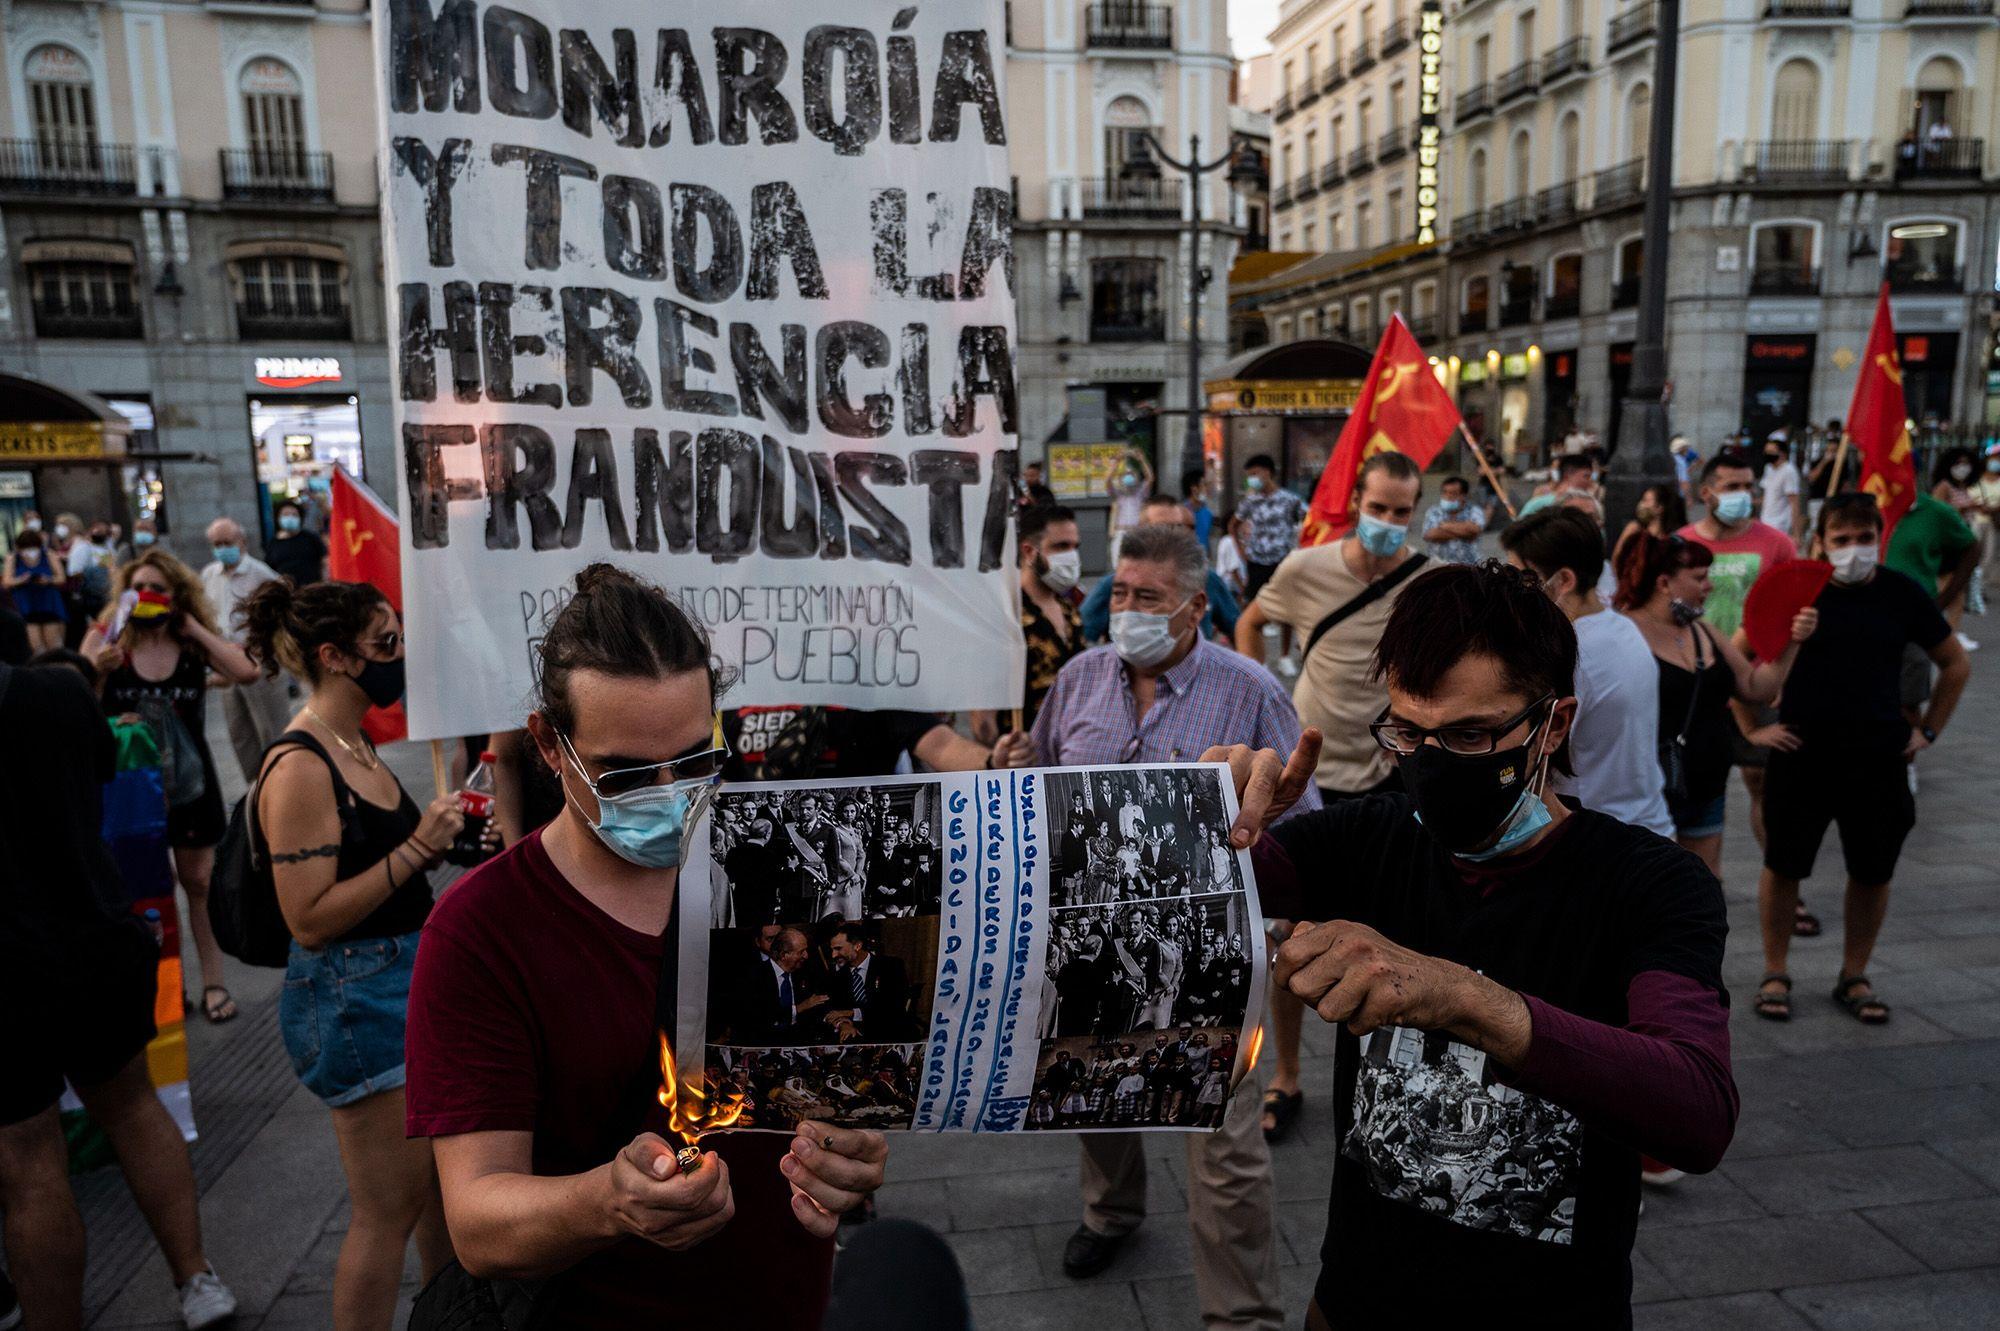 Tüntetők a királyi család fotóit égetik rezidenciájuk előtt Spanyolországban augusztus 9-én (fotó: Marcos del Mazo/LightRocket via Getty Images)